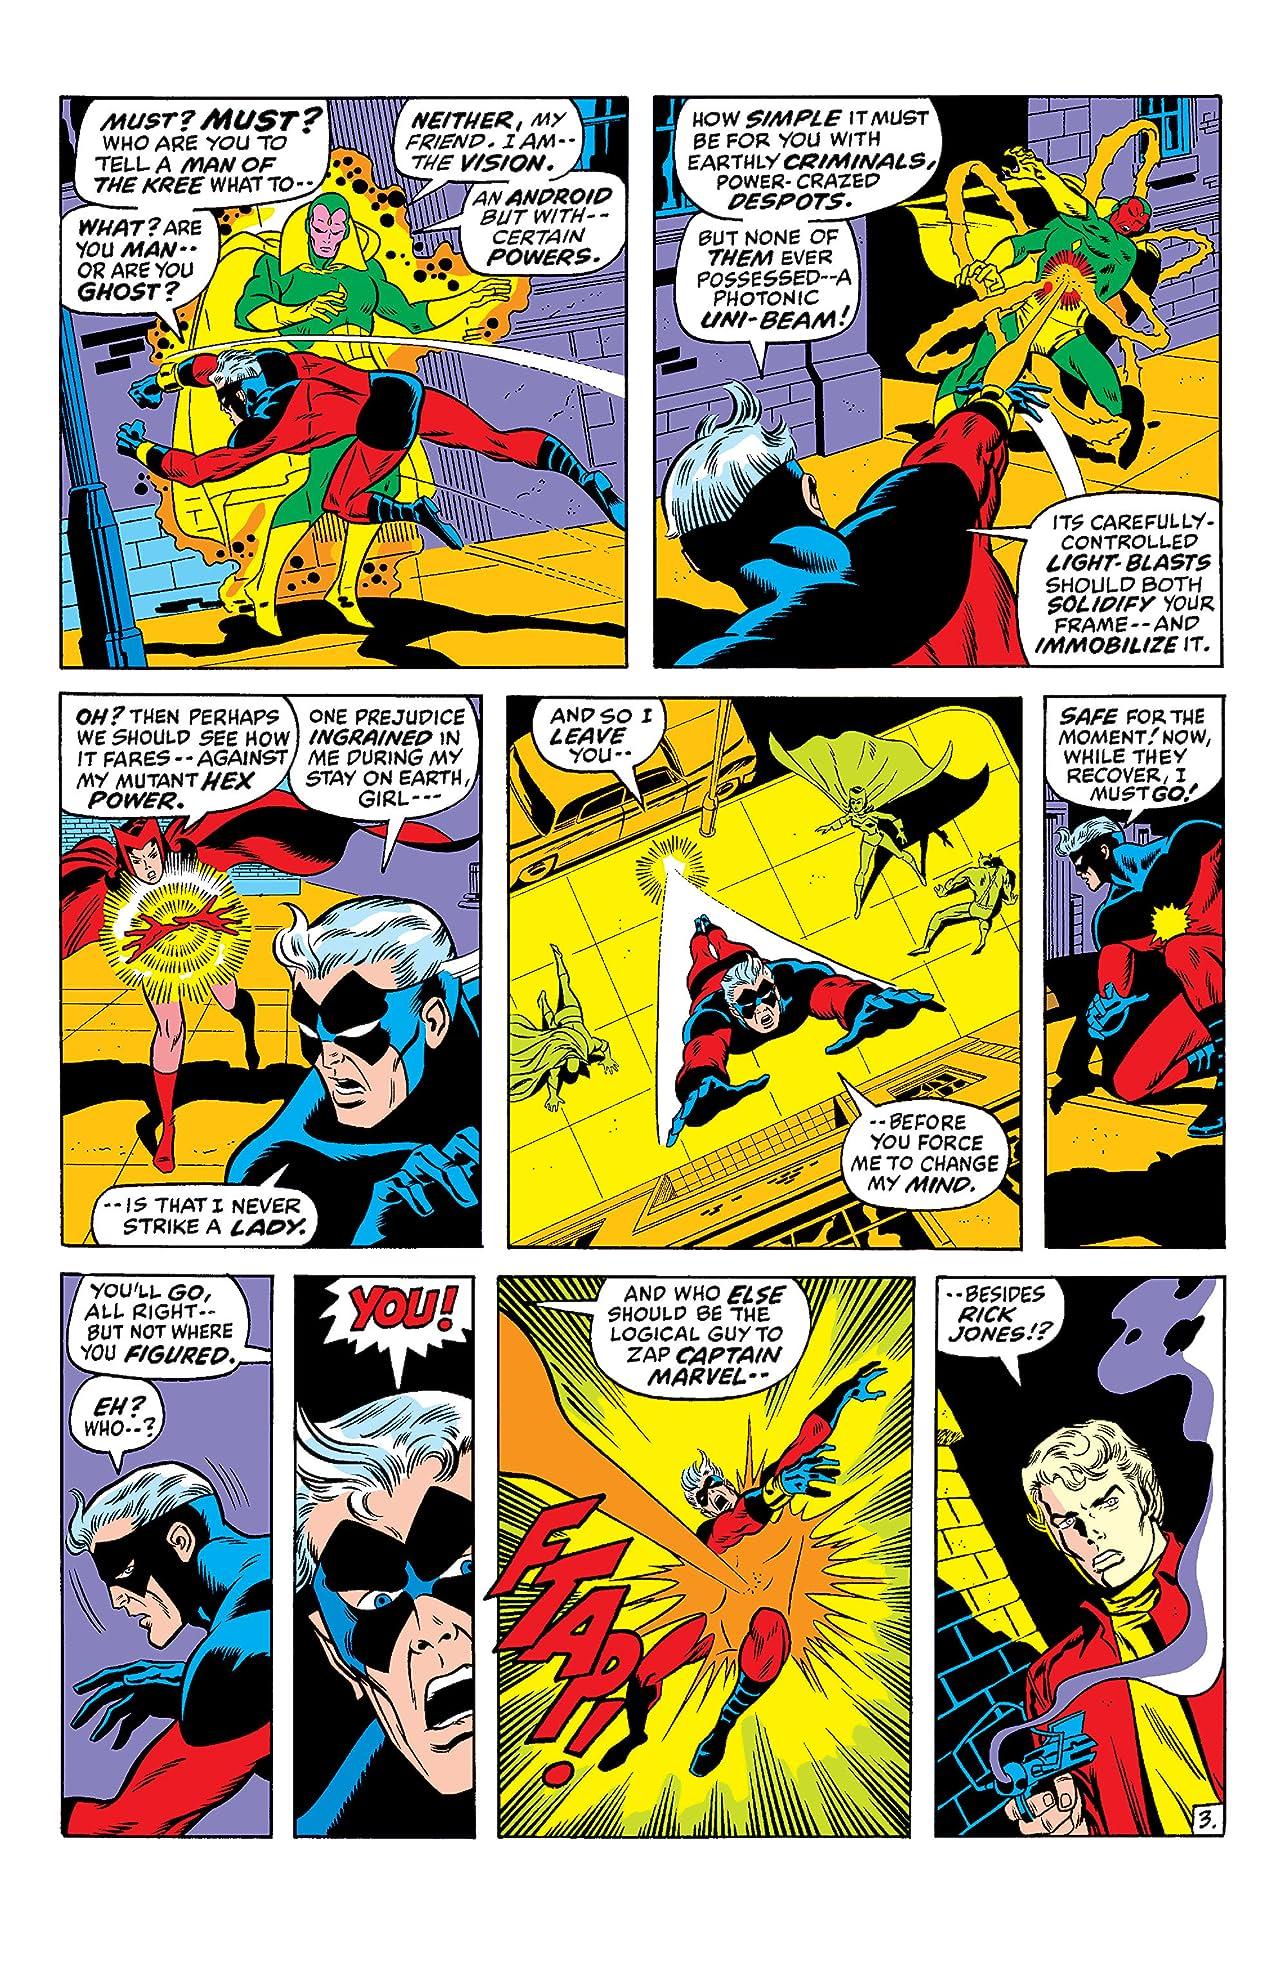 Avengers Masterworks Vol. 10